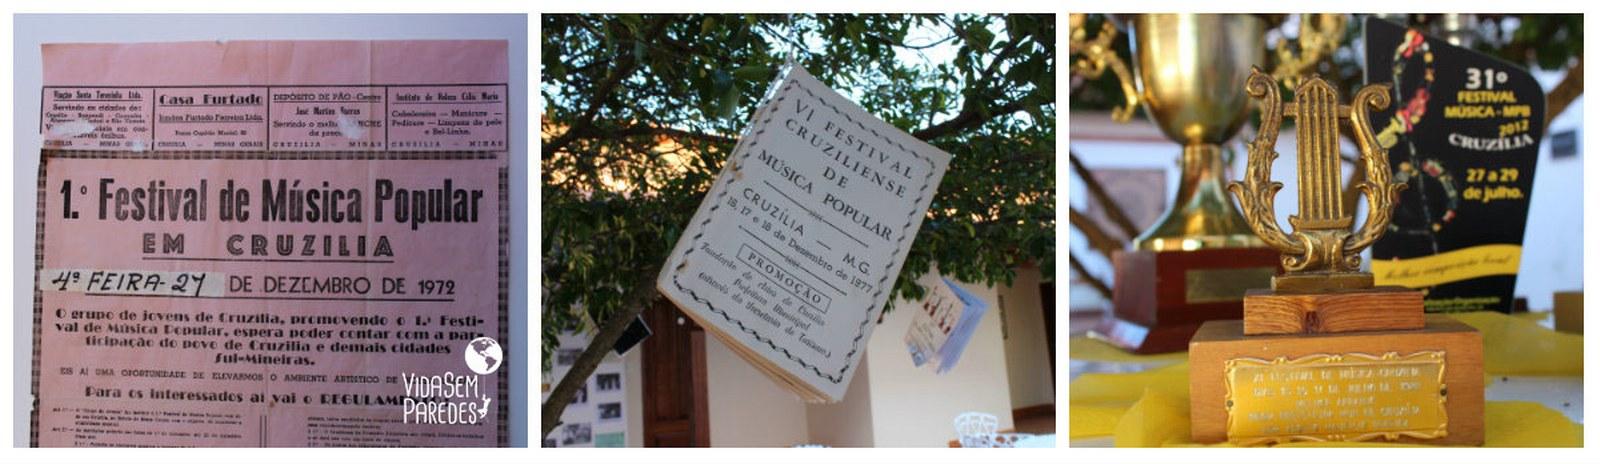 Festival de Música de Cruzília - MG